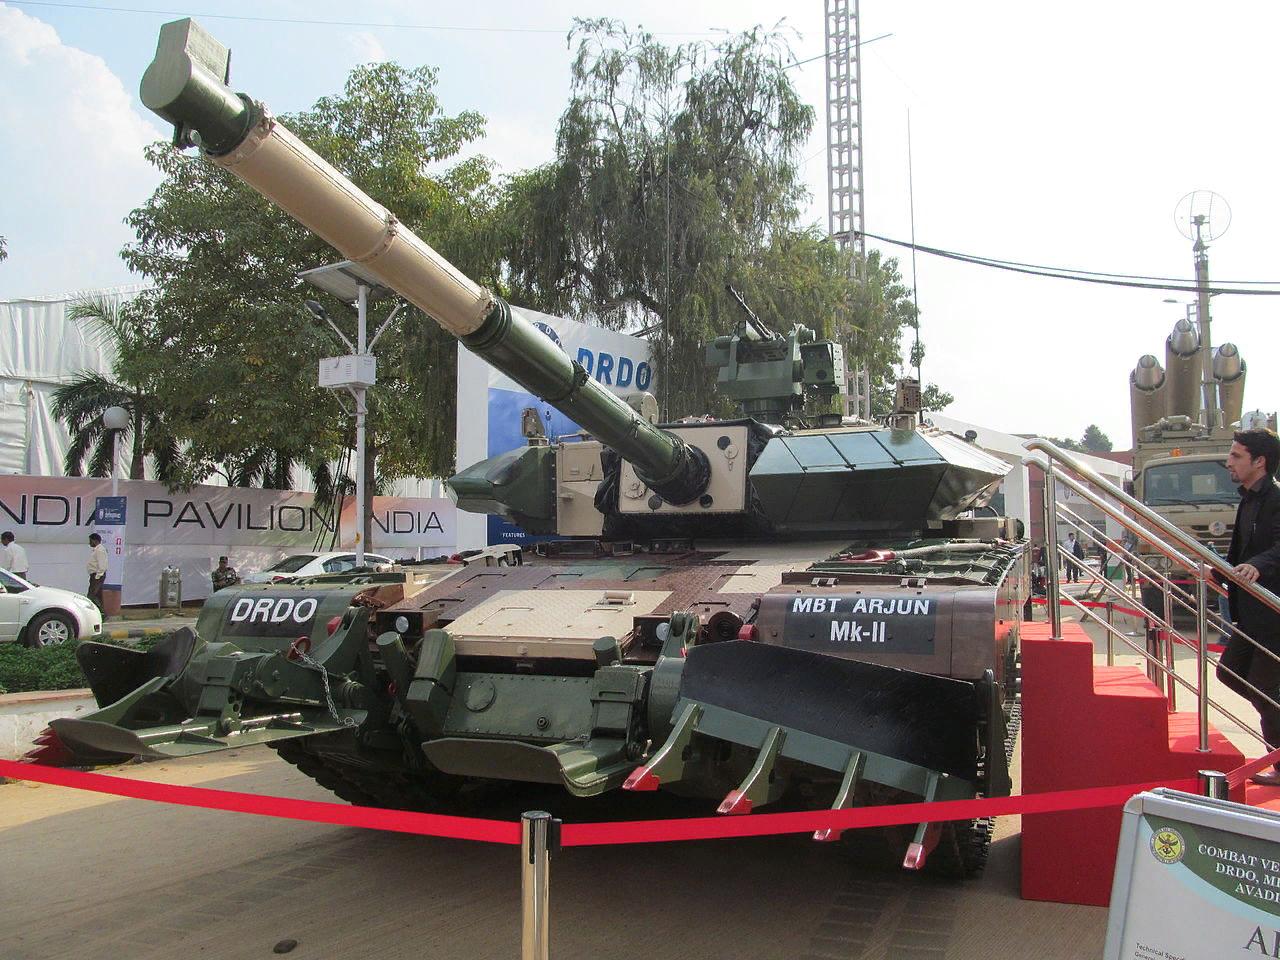 Опытный образец Arjun Mk. 2 с противоминным тралом. В такой комплектации он весит около 70 т